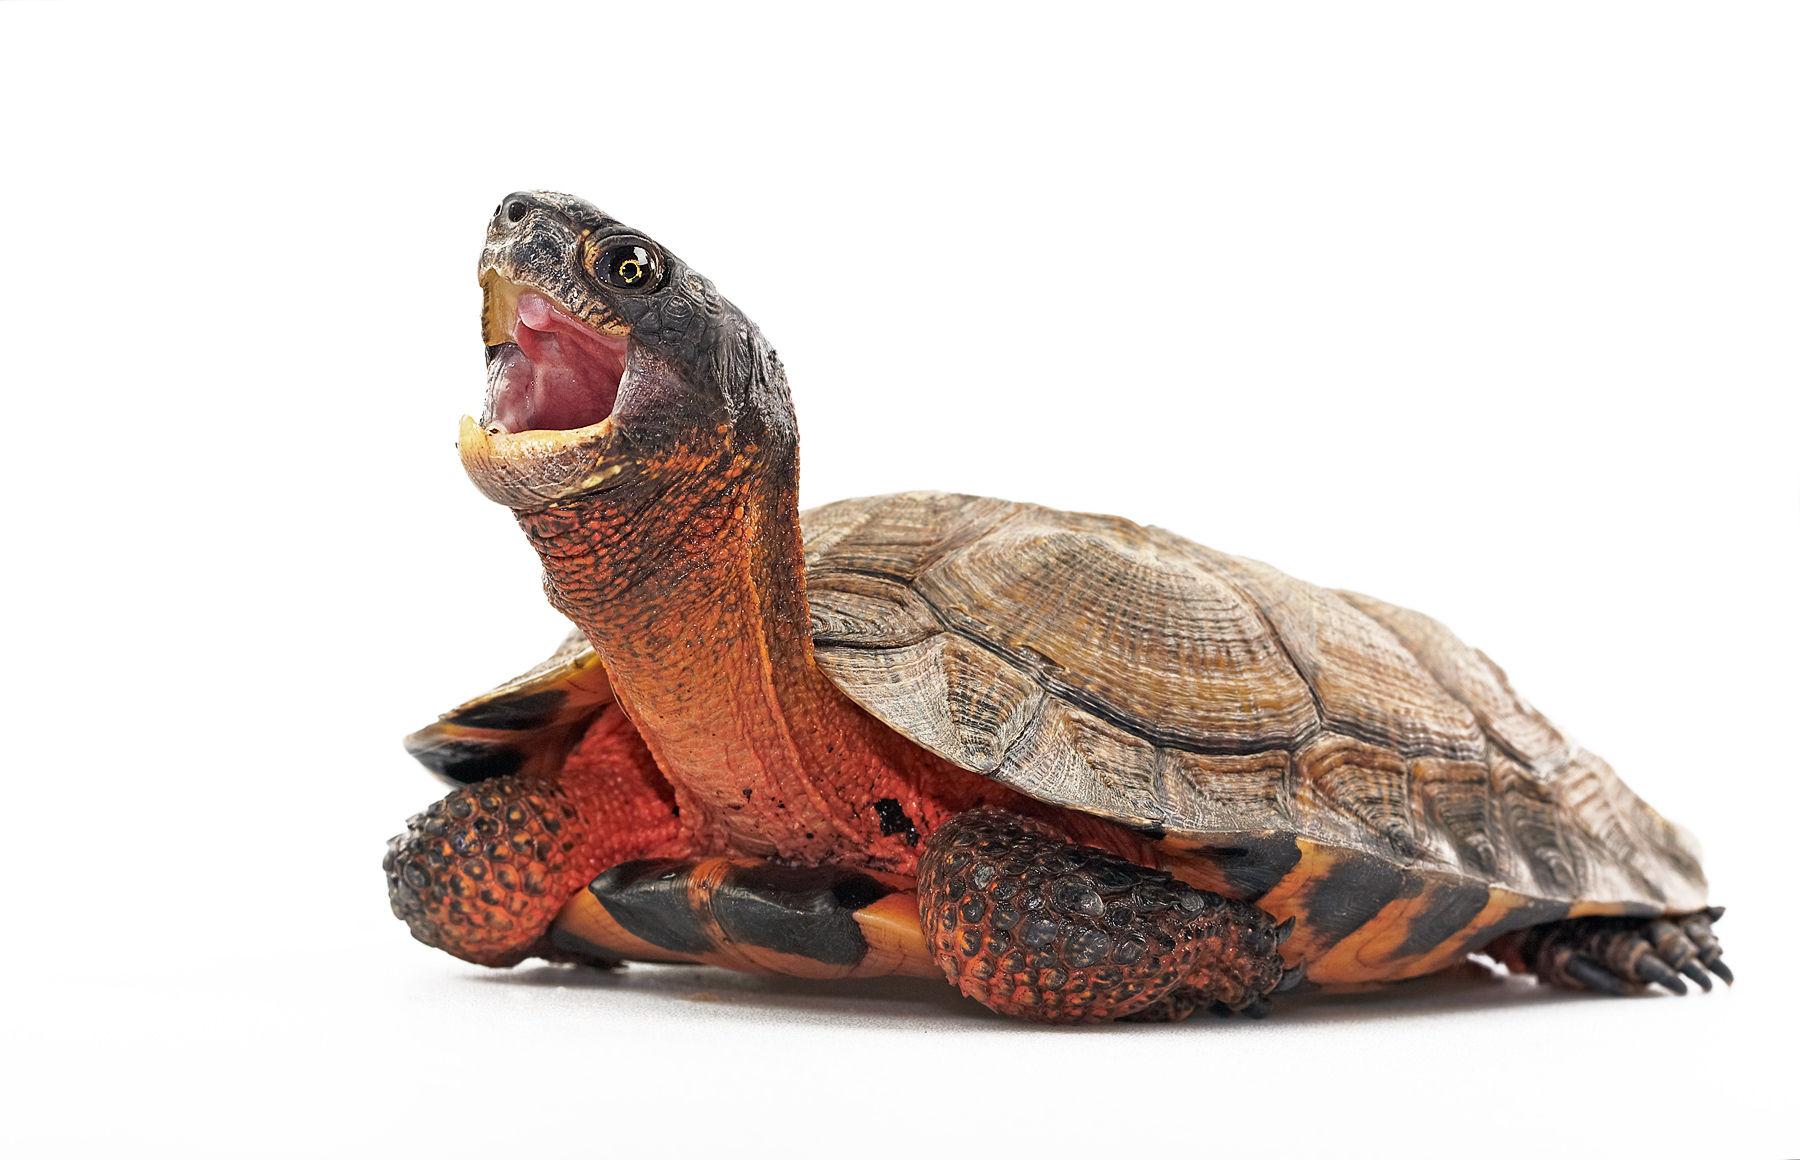 American Wood Turtle